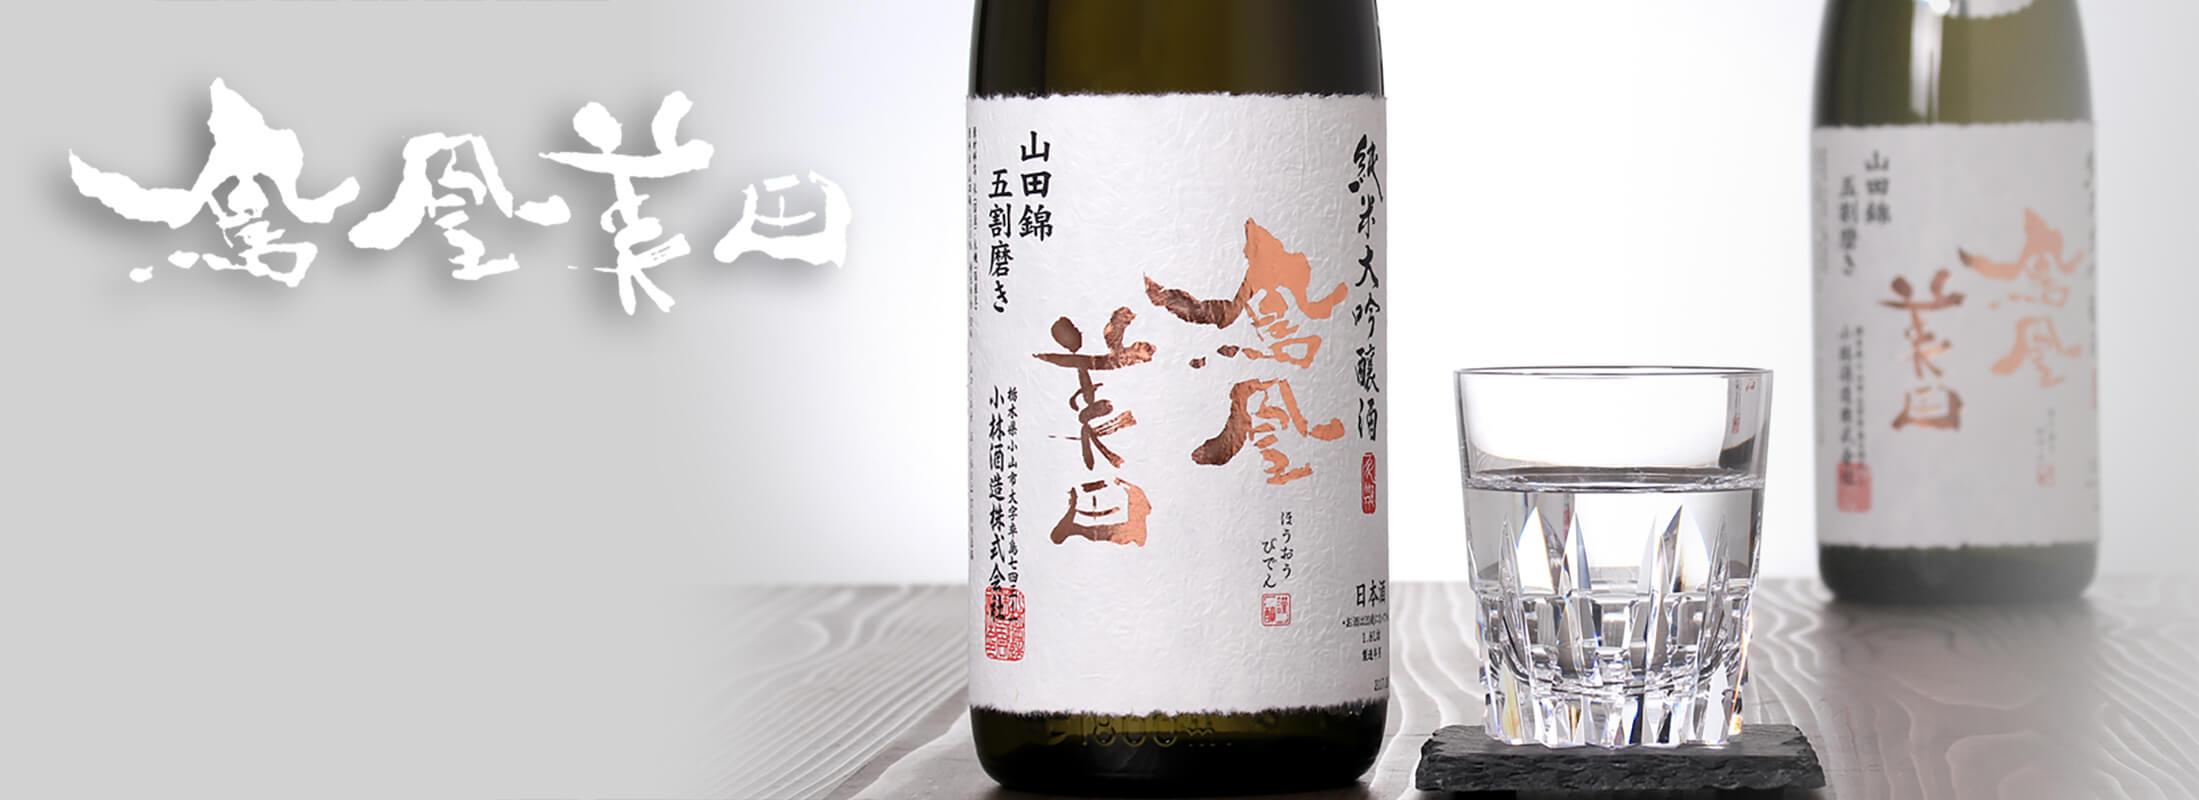 鳳凰美田 純米大吟醸 山田錦 磨き50 生酒